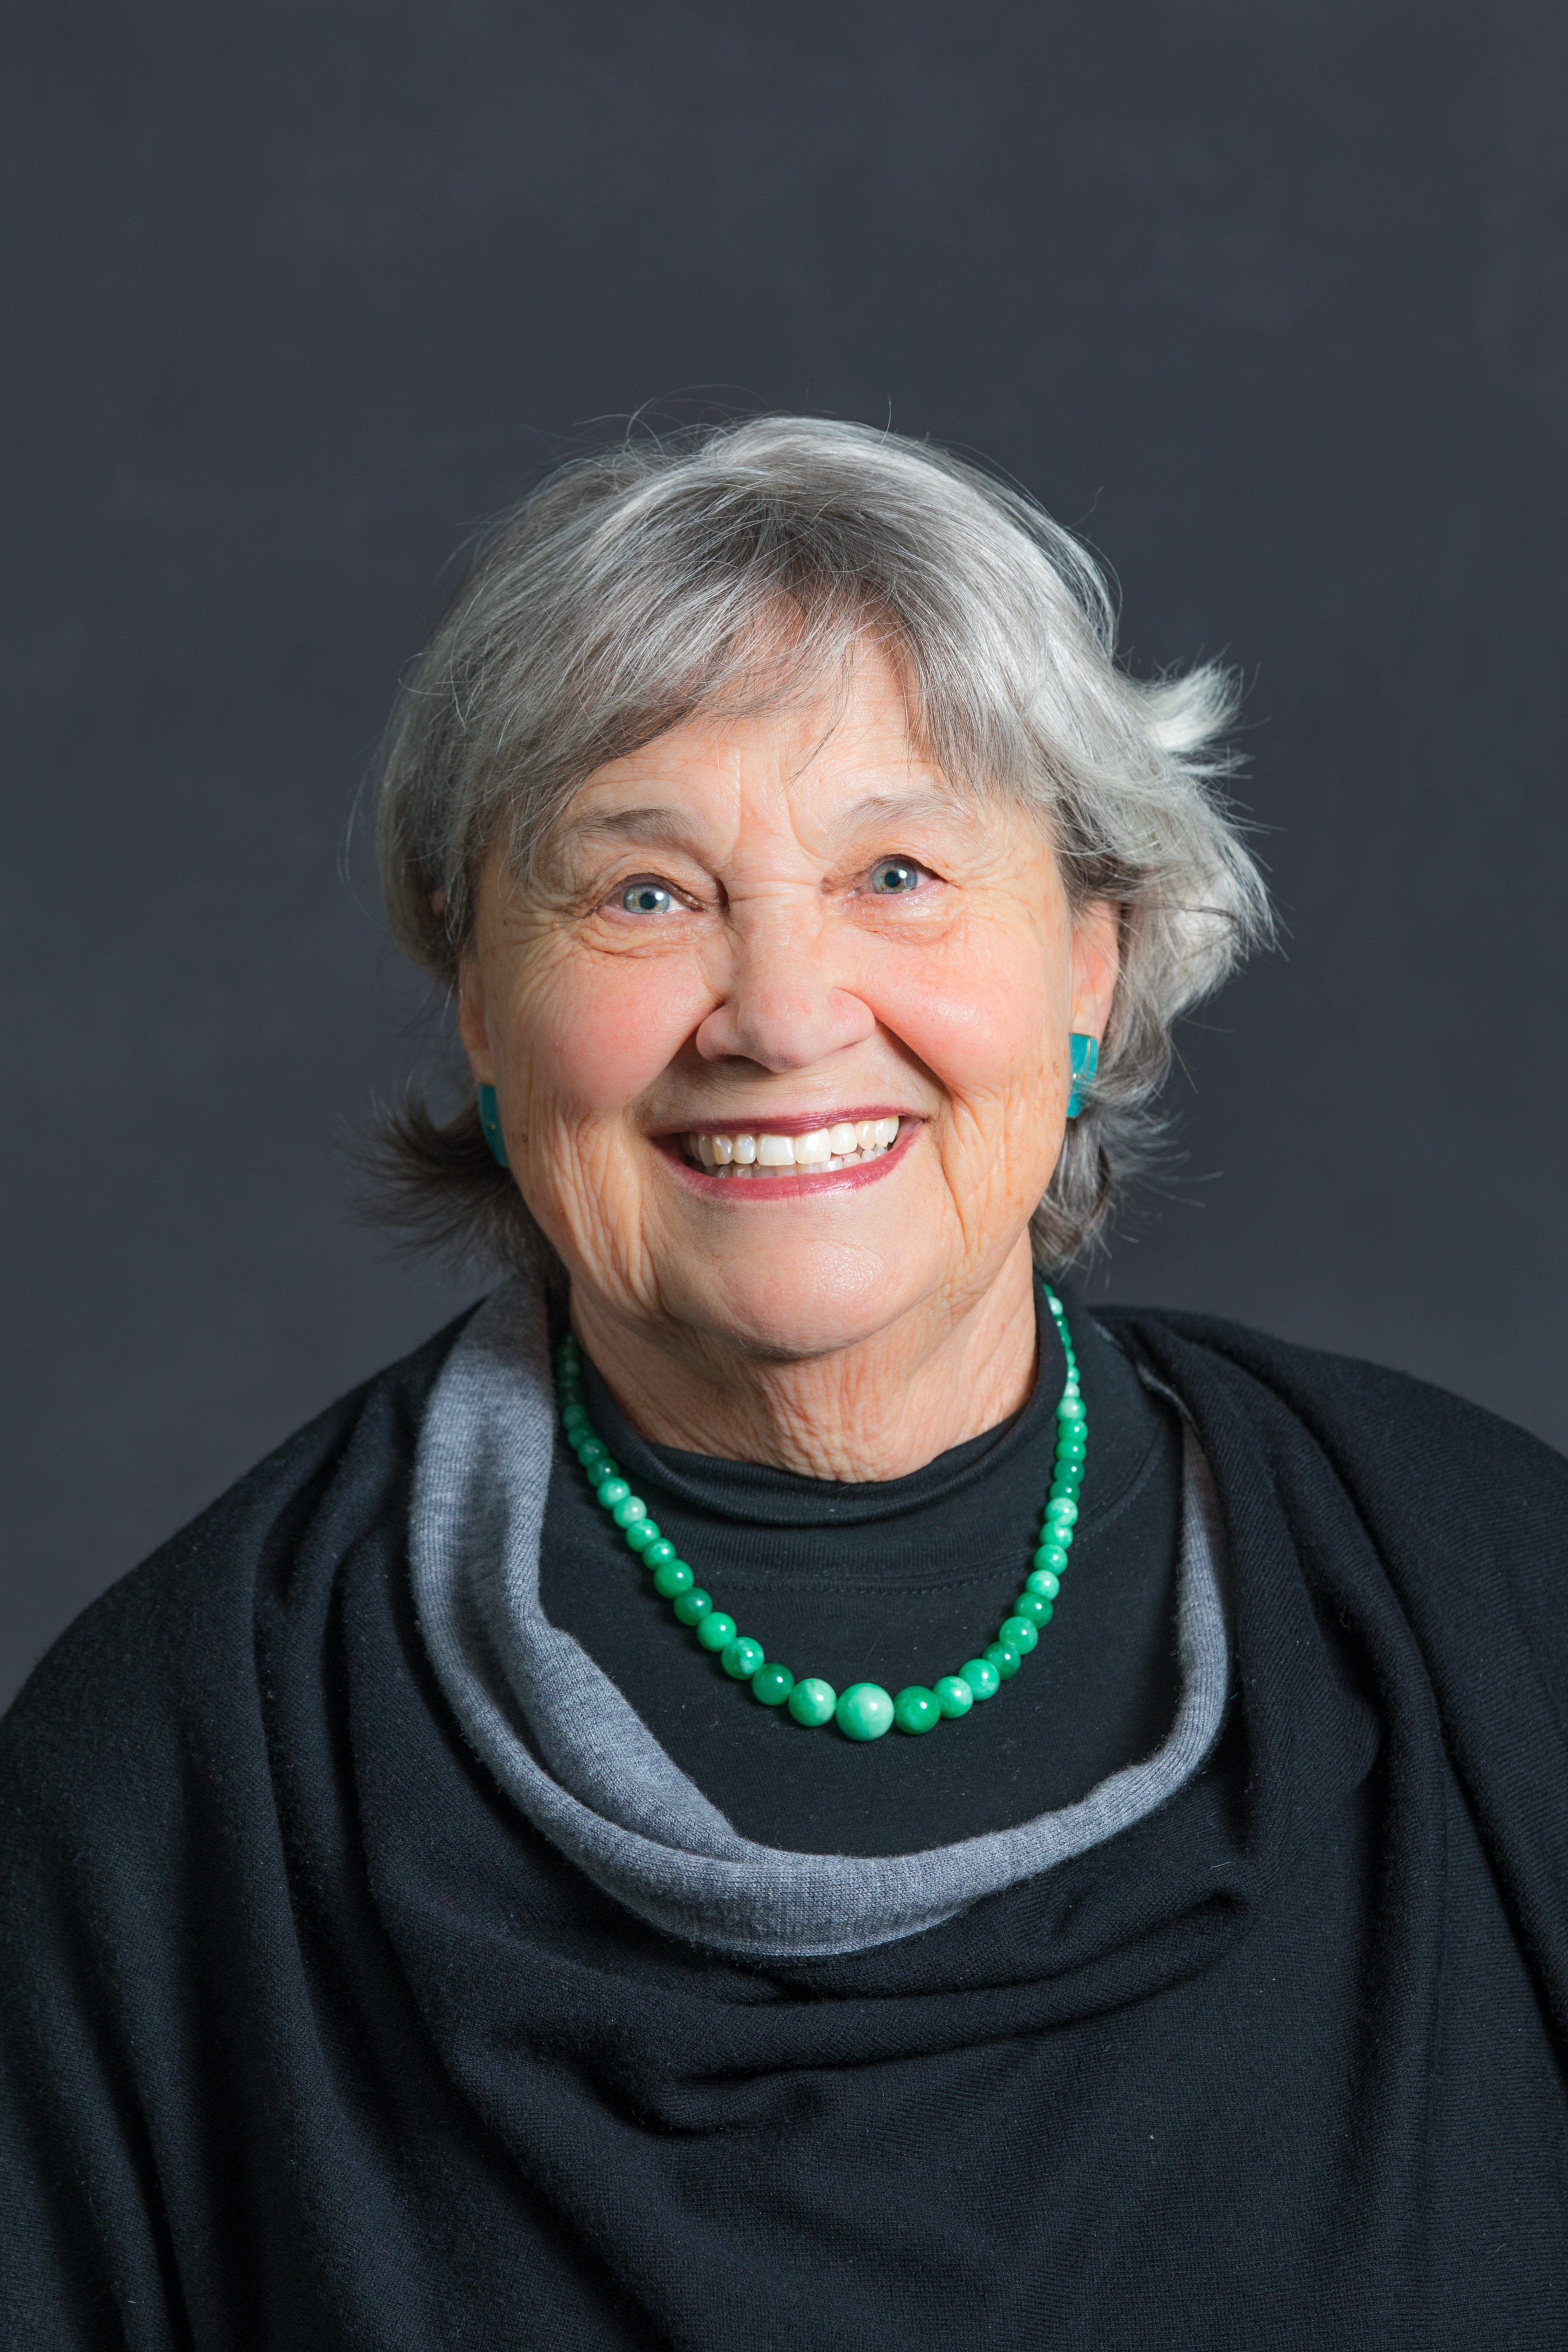 Judy Trumbull